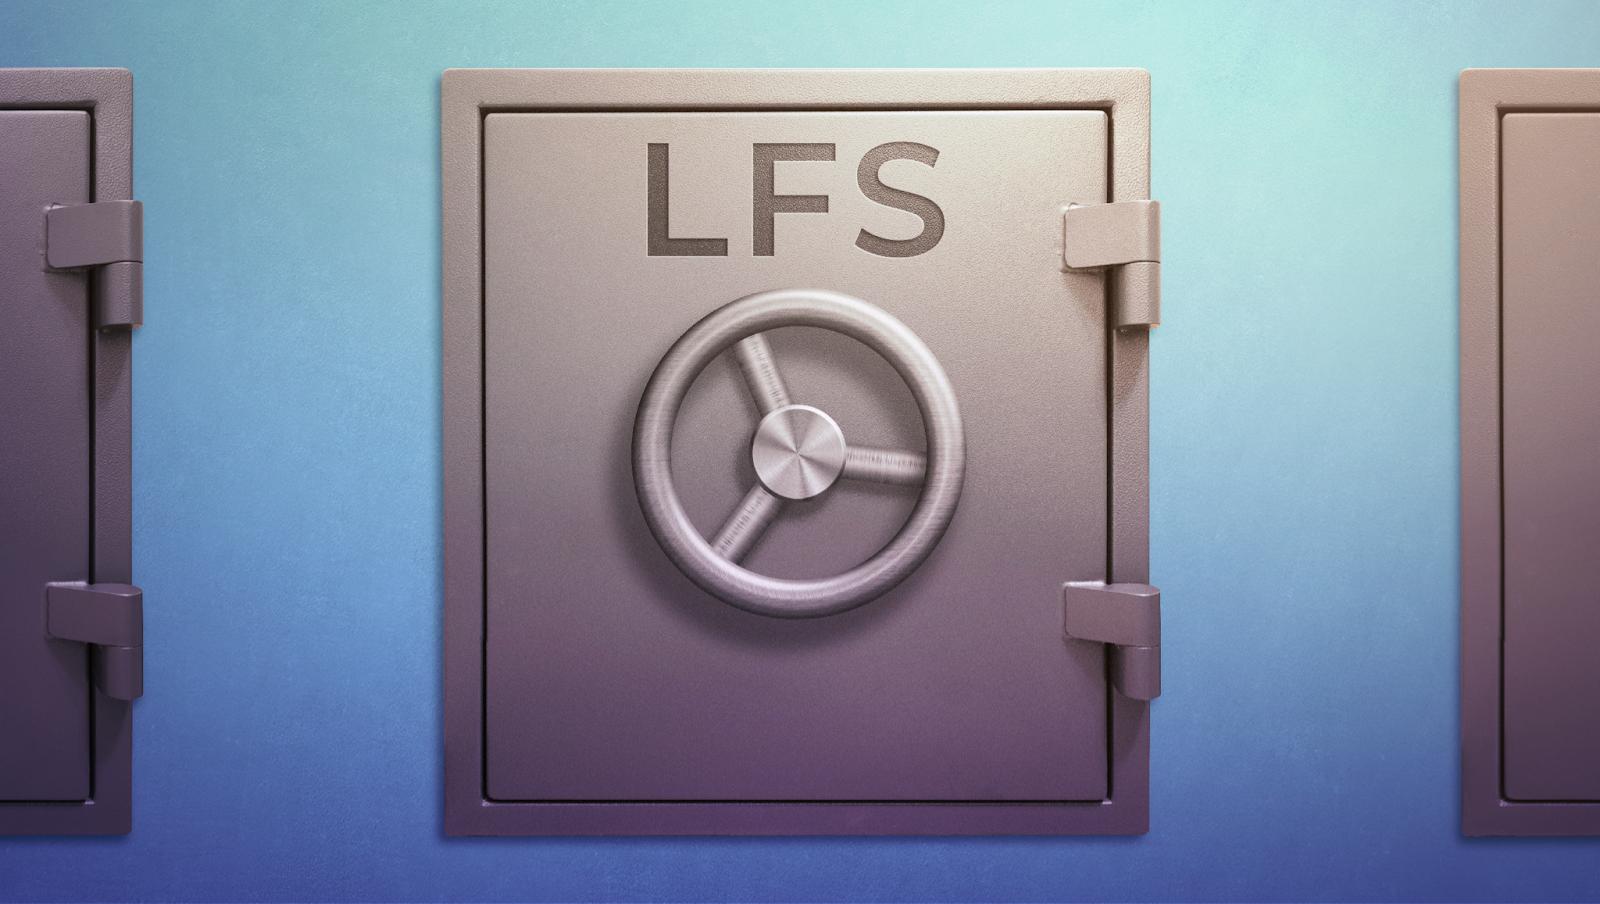 Как мы переезжали на новую версию GitLab и внедряли LFS. А потом чинили бэкапы - 1